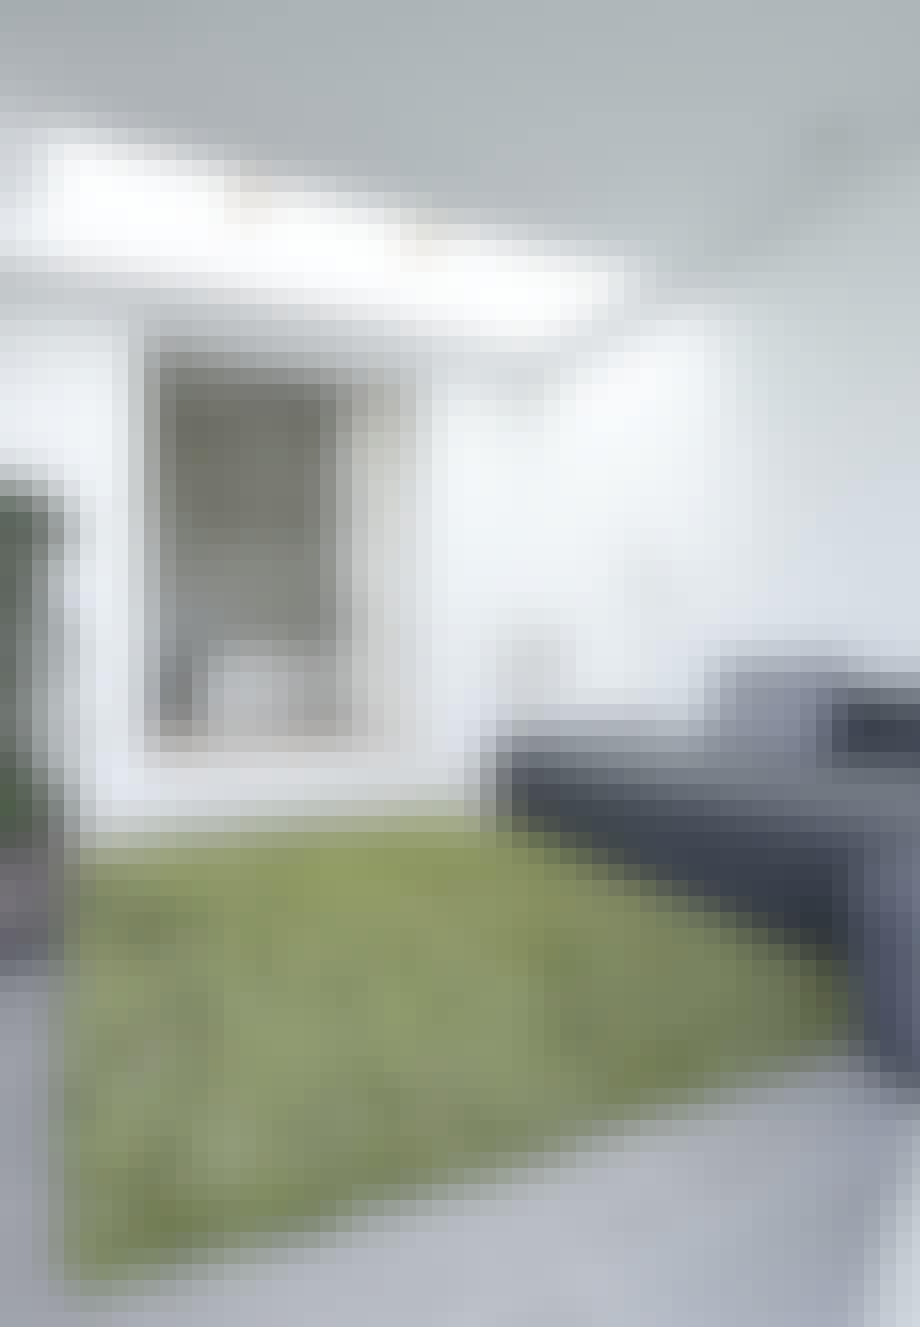 Soveværelse uden vinduer